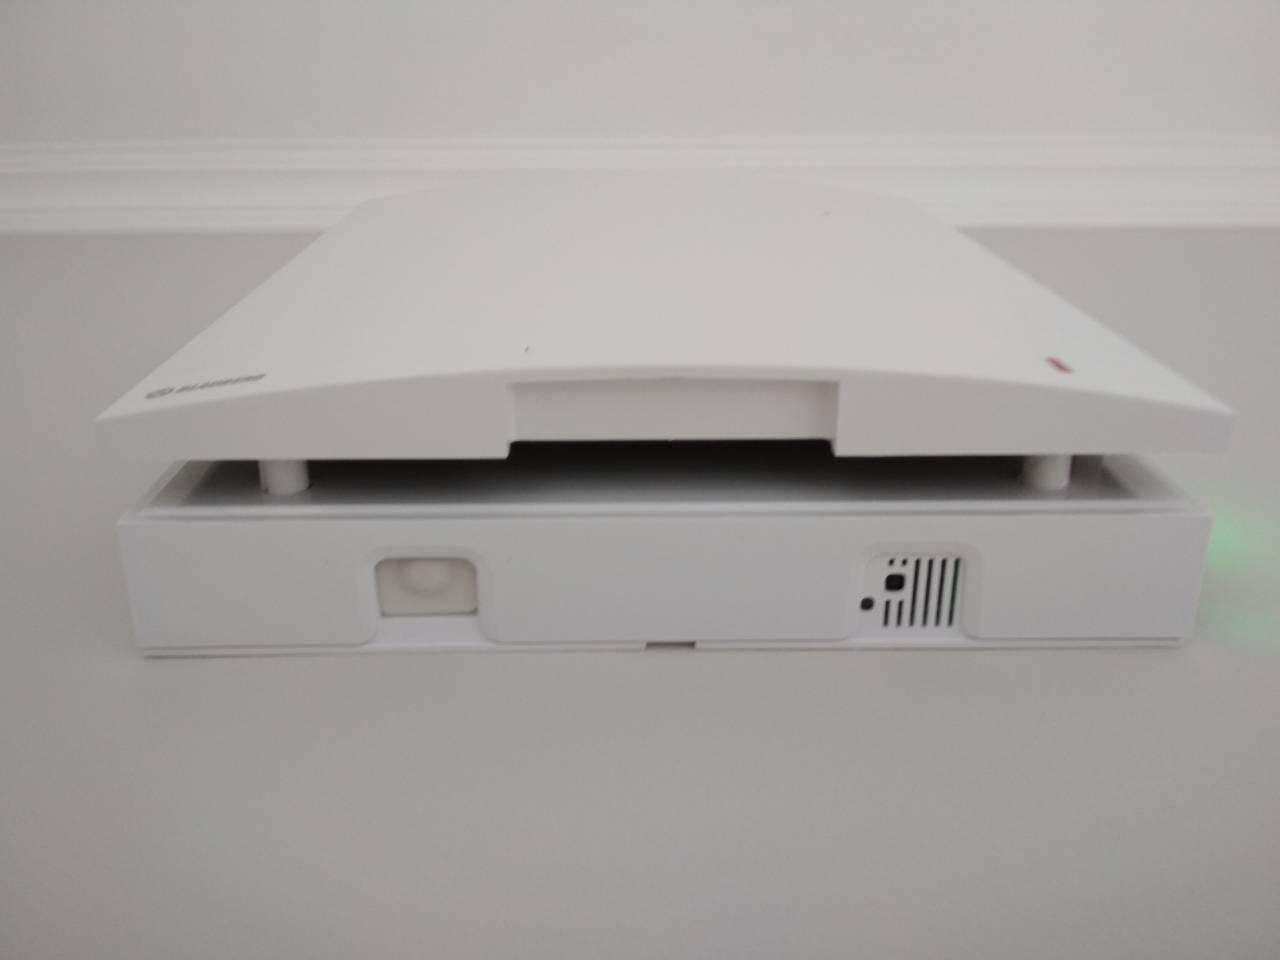 Установка стенового рекуператора воздуха Blauberg Vento Expert.